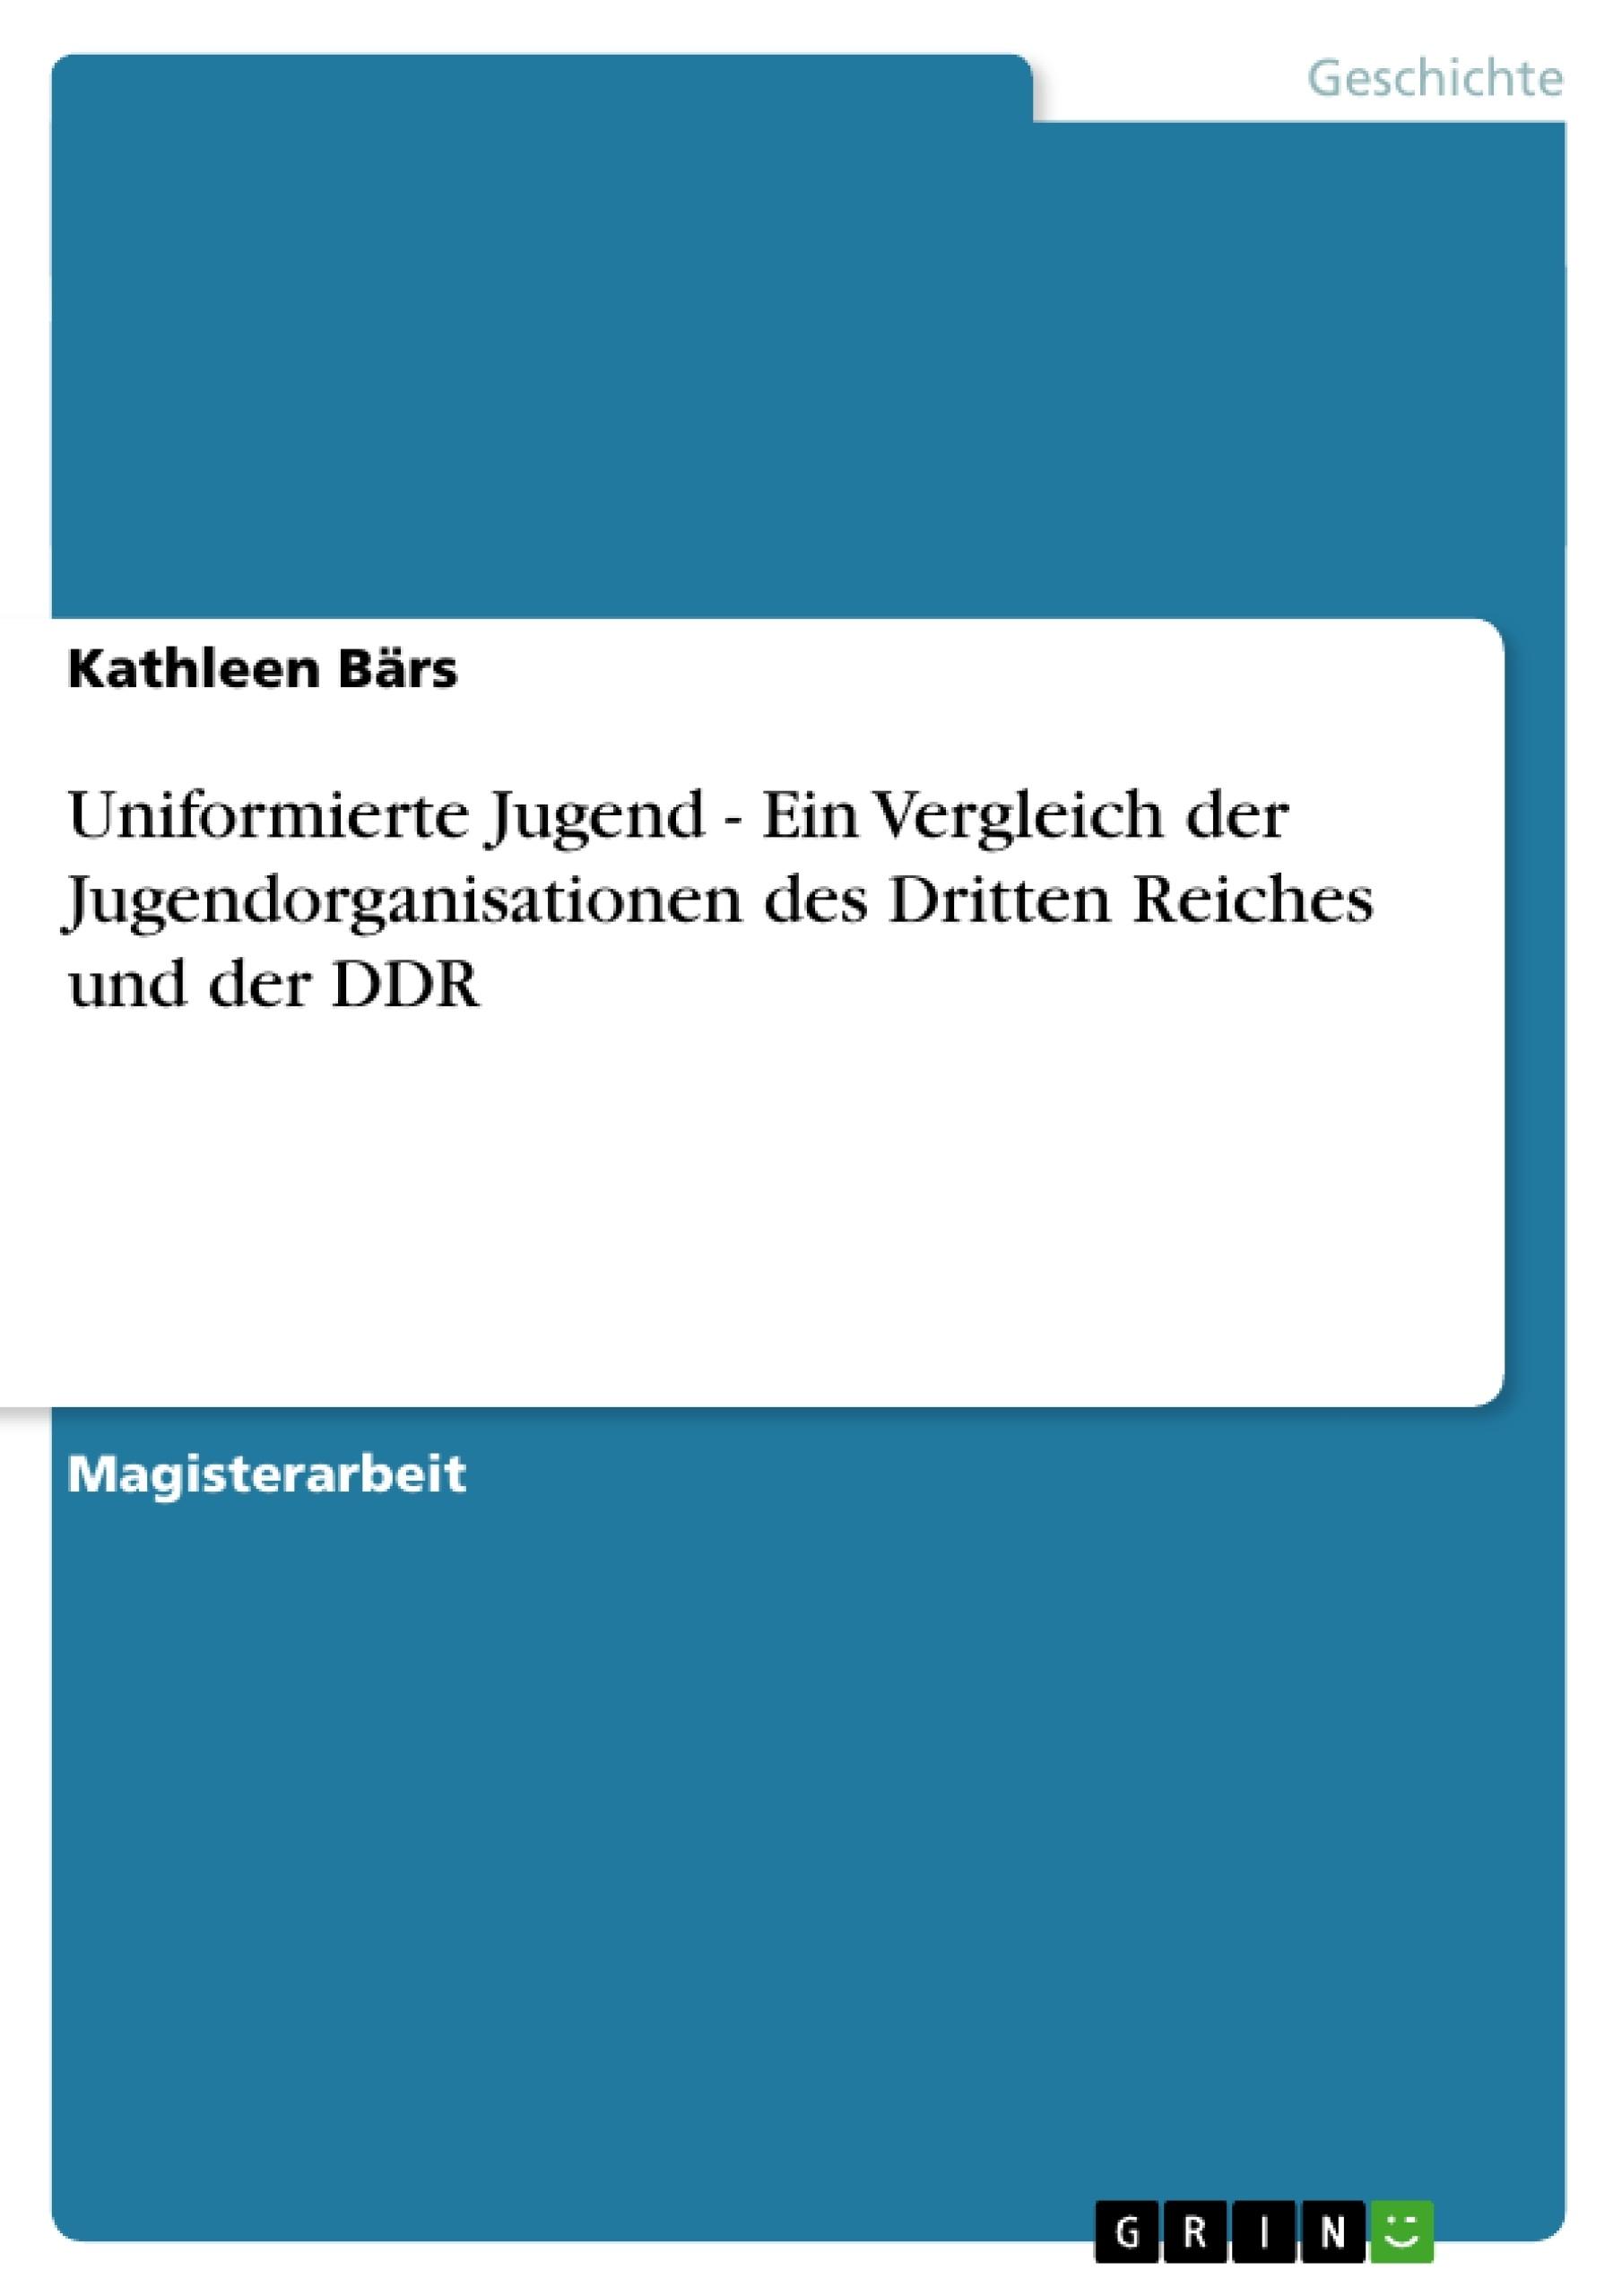 Titel: Uniformierte Jugend - Ein Vergleich der Jugendorganisationen des Dritten Reiches und der DDR